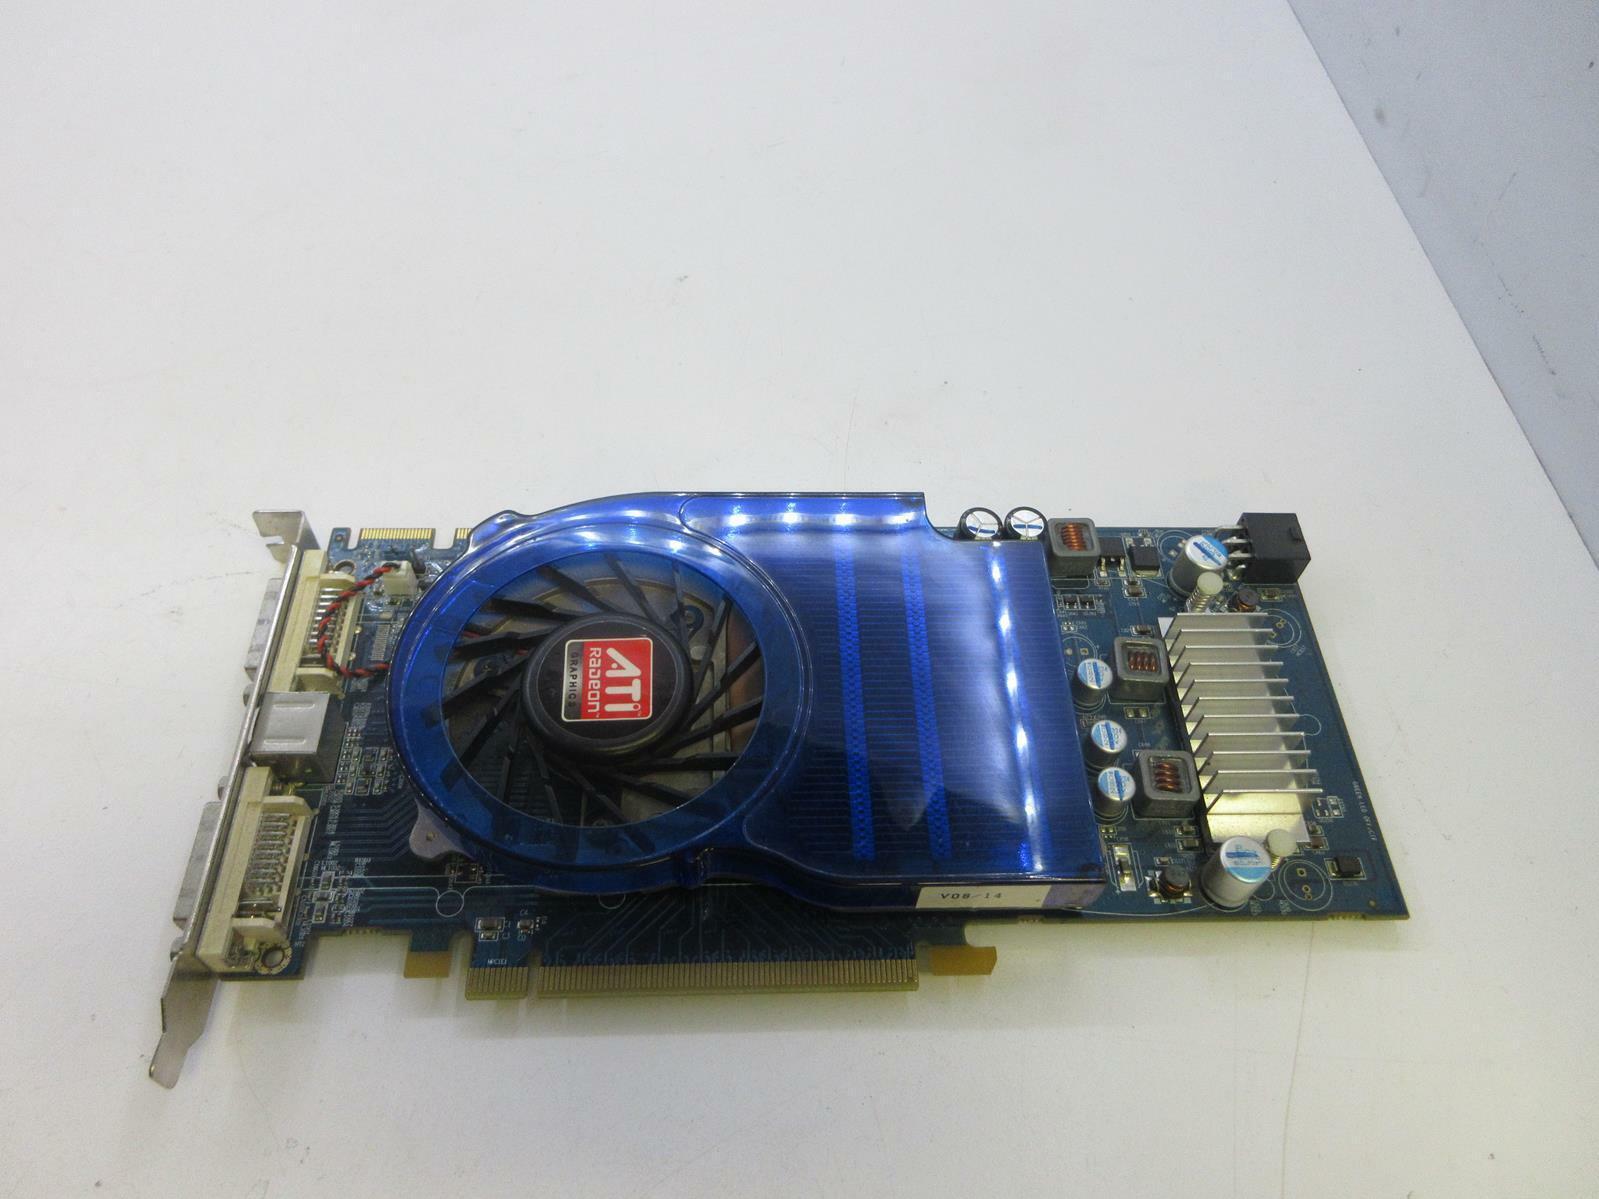 ATI ATI Radeon HD 3870 Video Card 512 MB | 102G019700